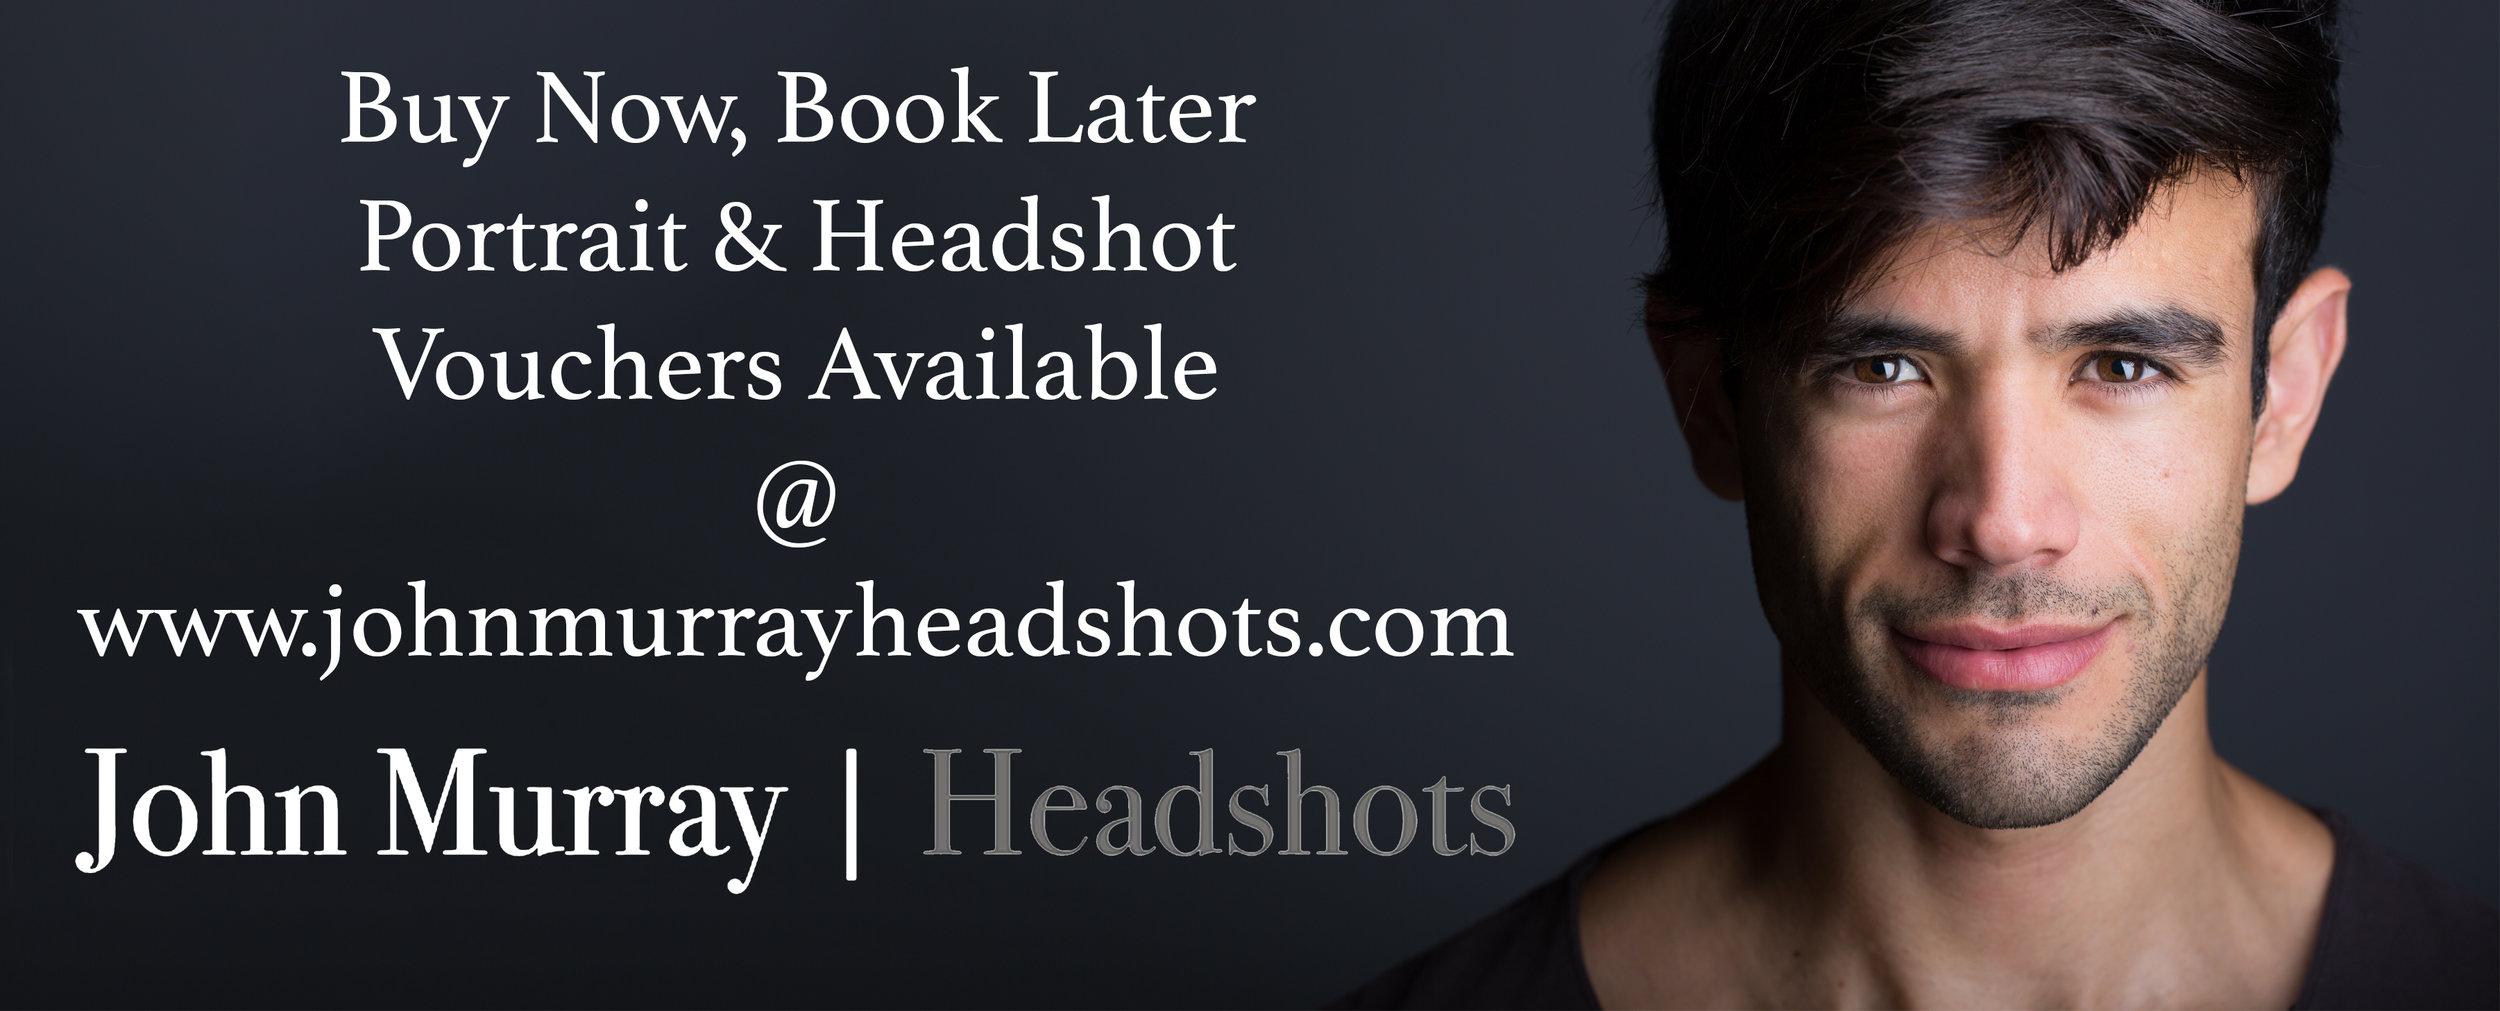 Headshot voucher